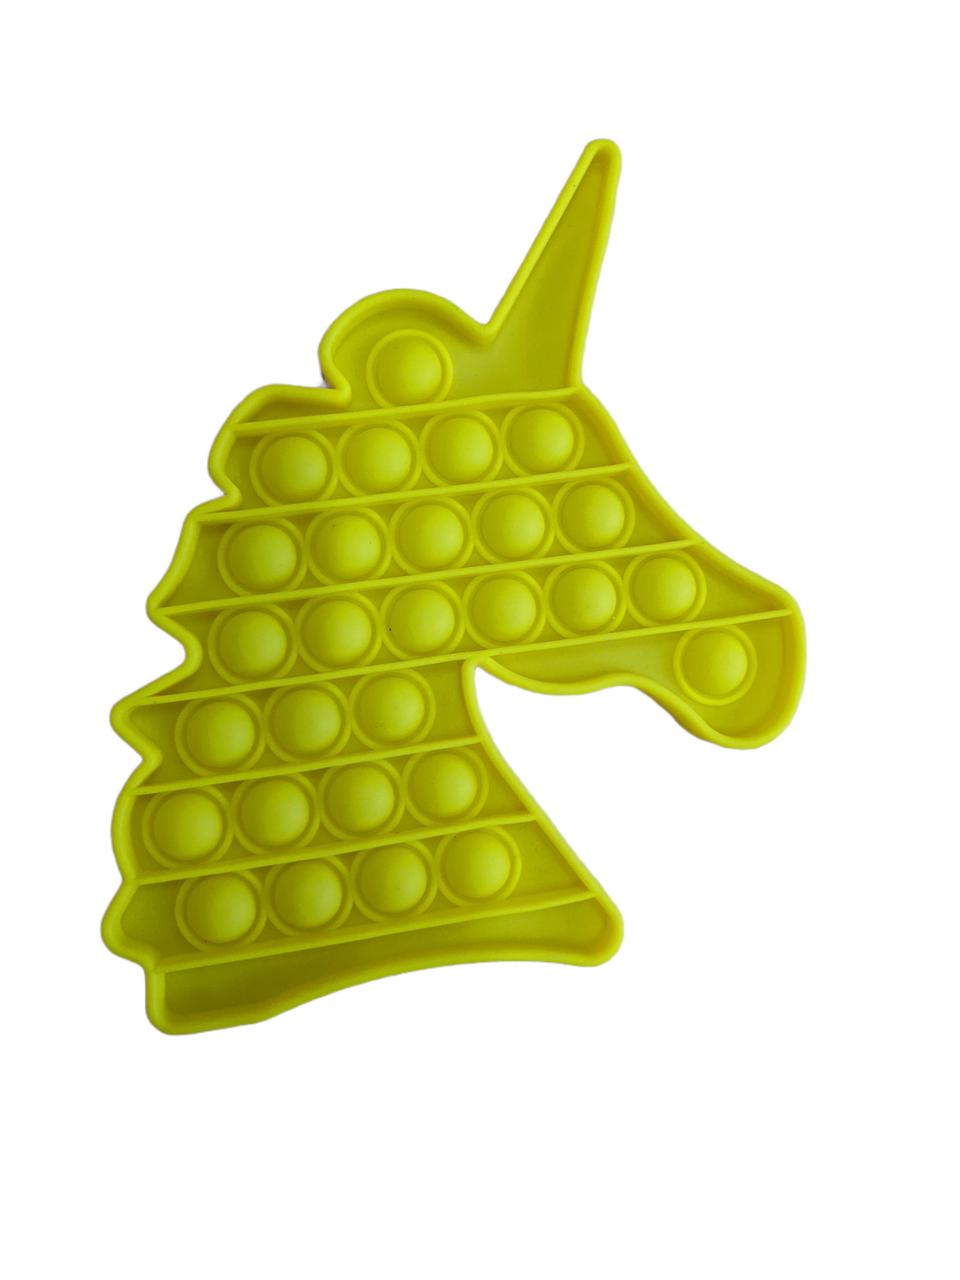 Pop It сенсорна іграшка, пупырка, поп іт антистрес, pop it fidget, попит, жовтий єдиноріг